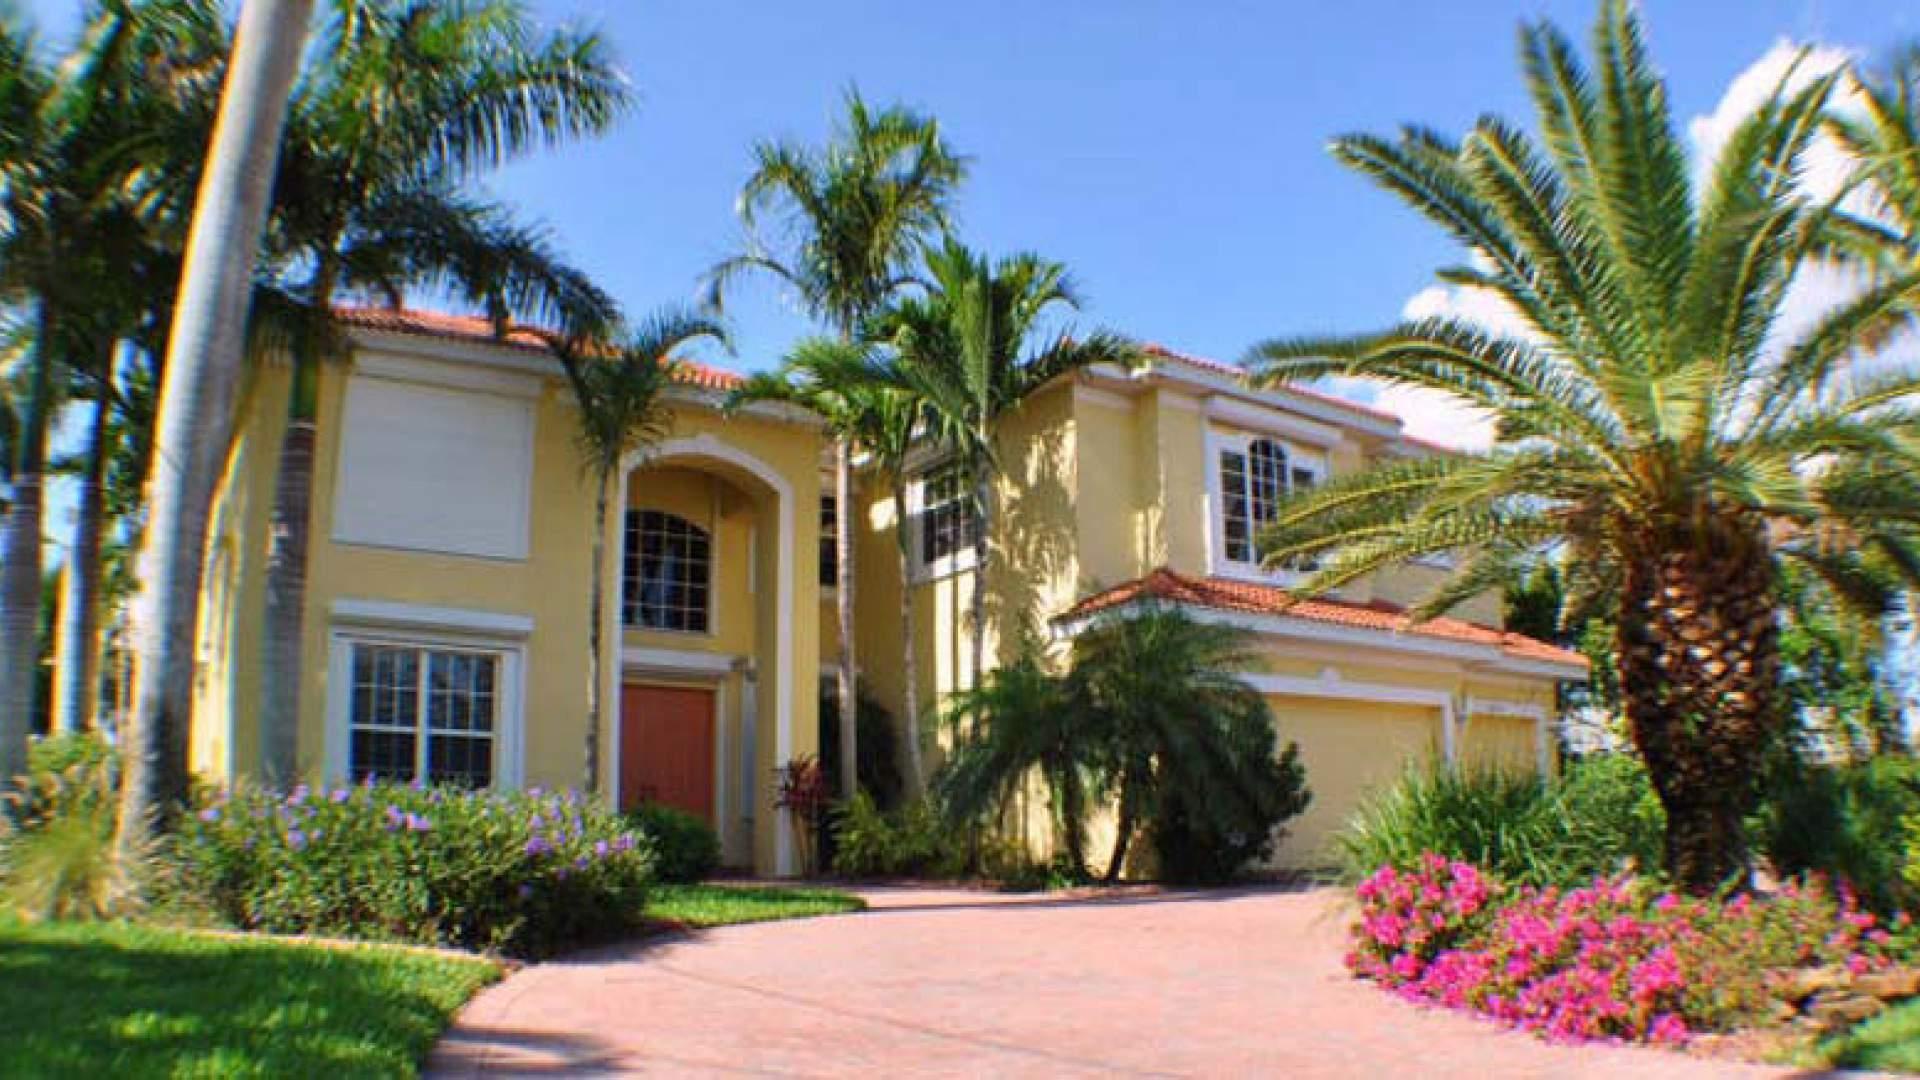 Die Palm Residence bietet Luxus mit tropischem Flair